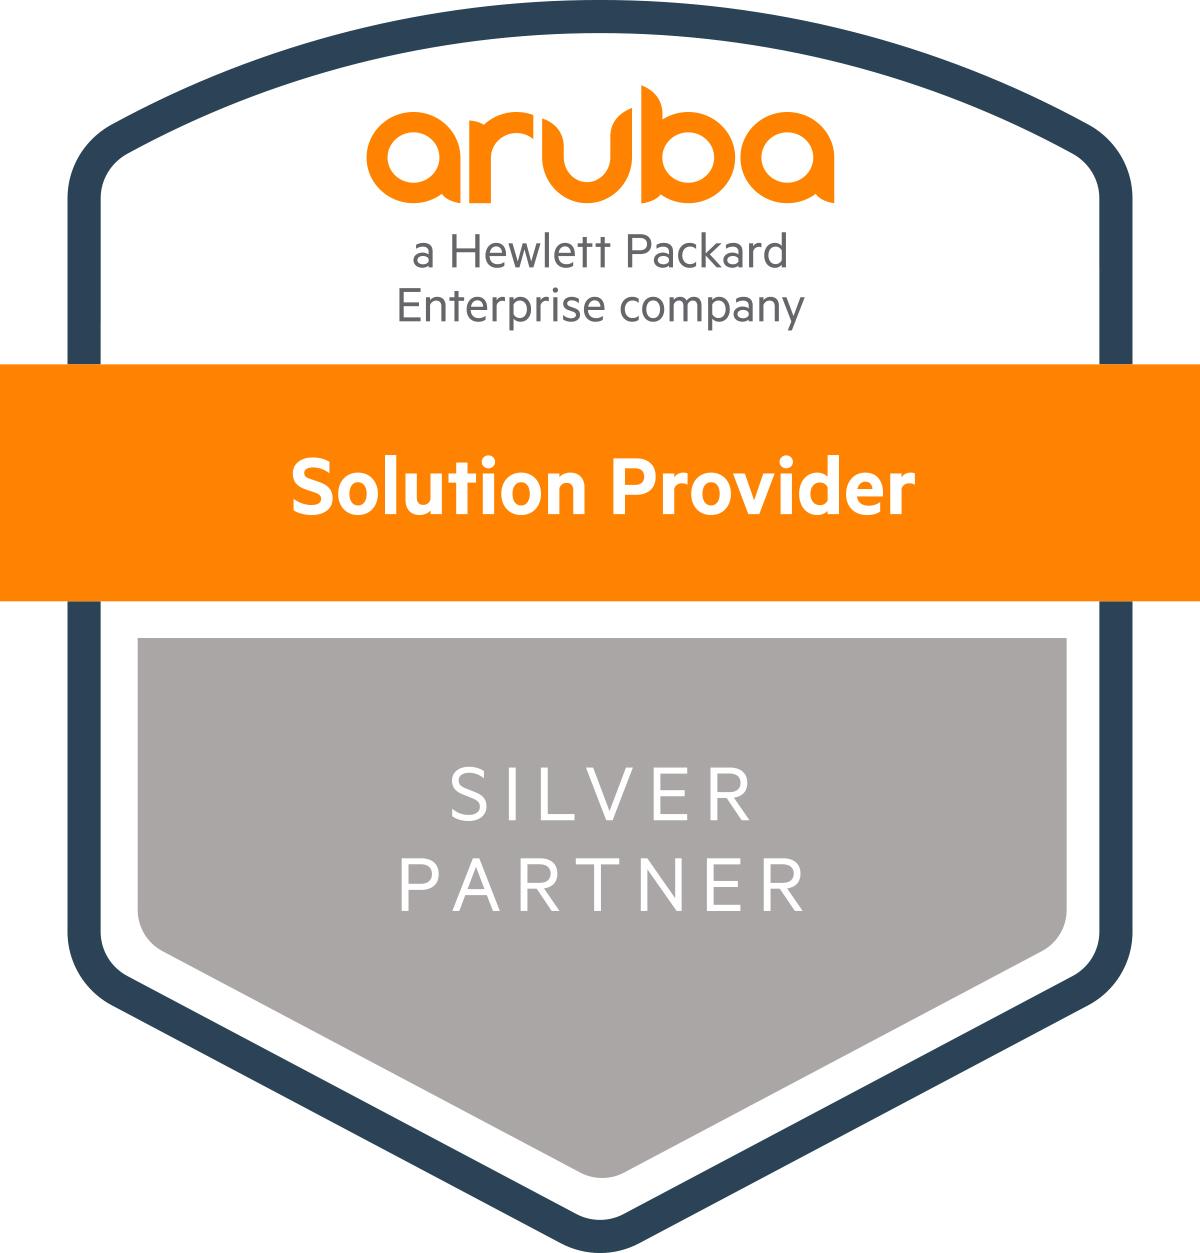 aruba silver partner